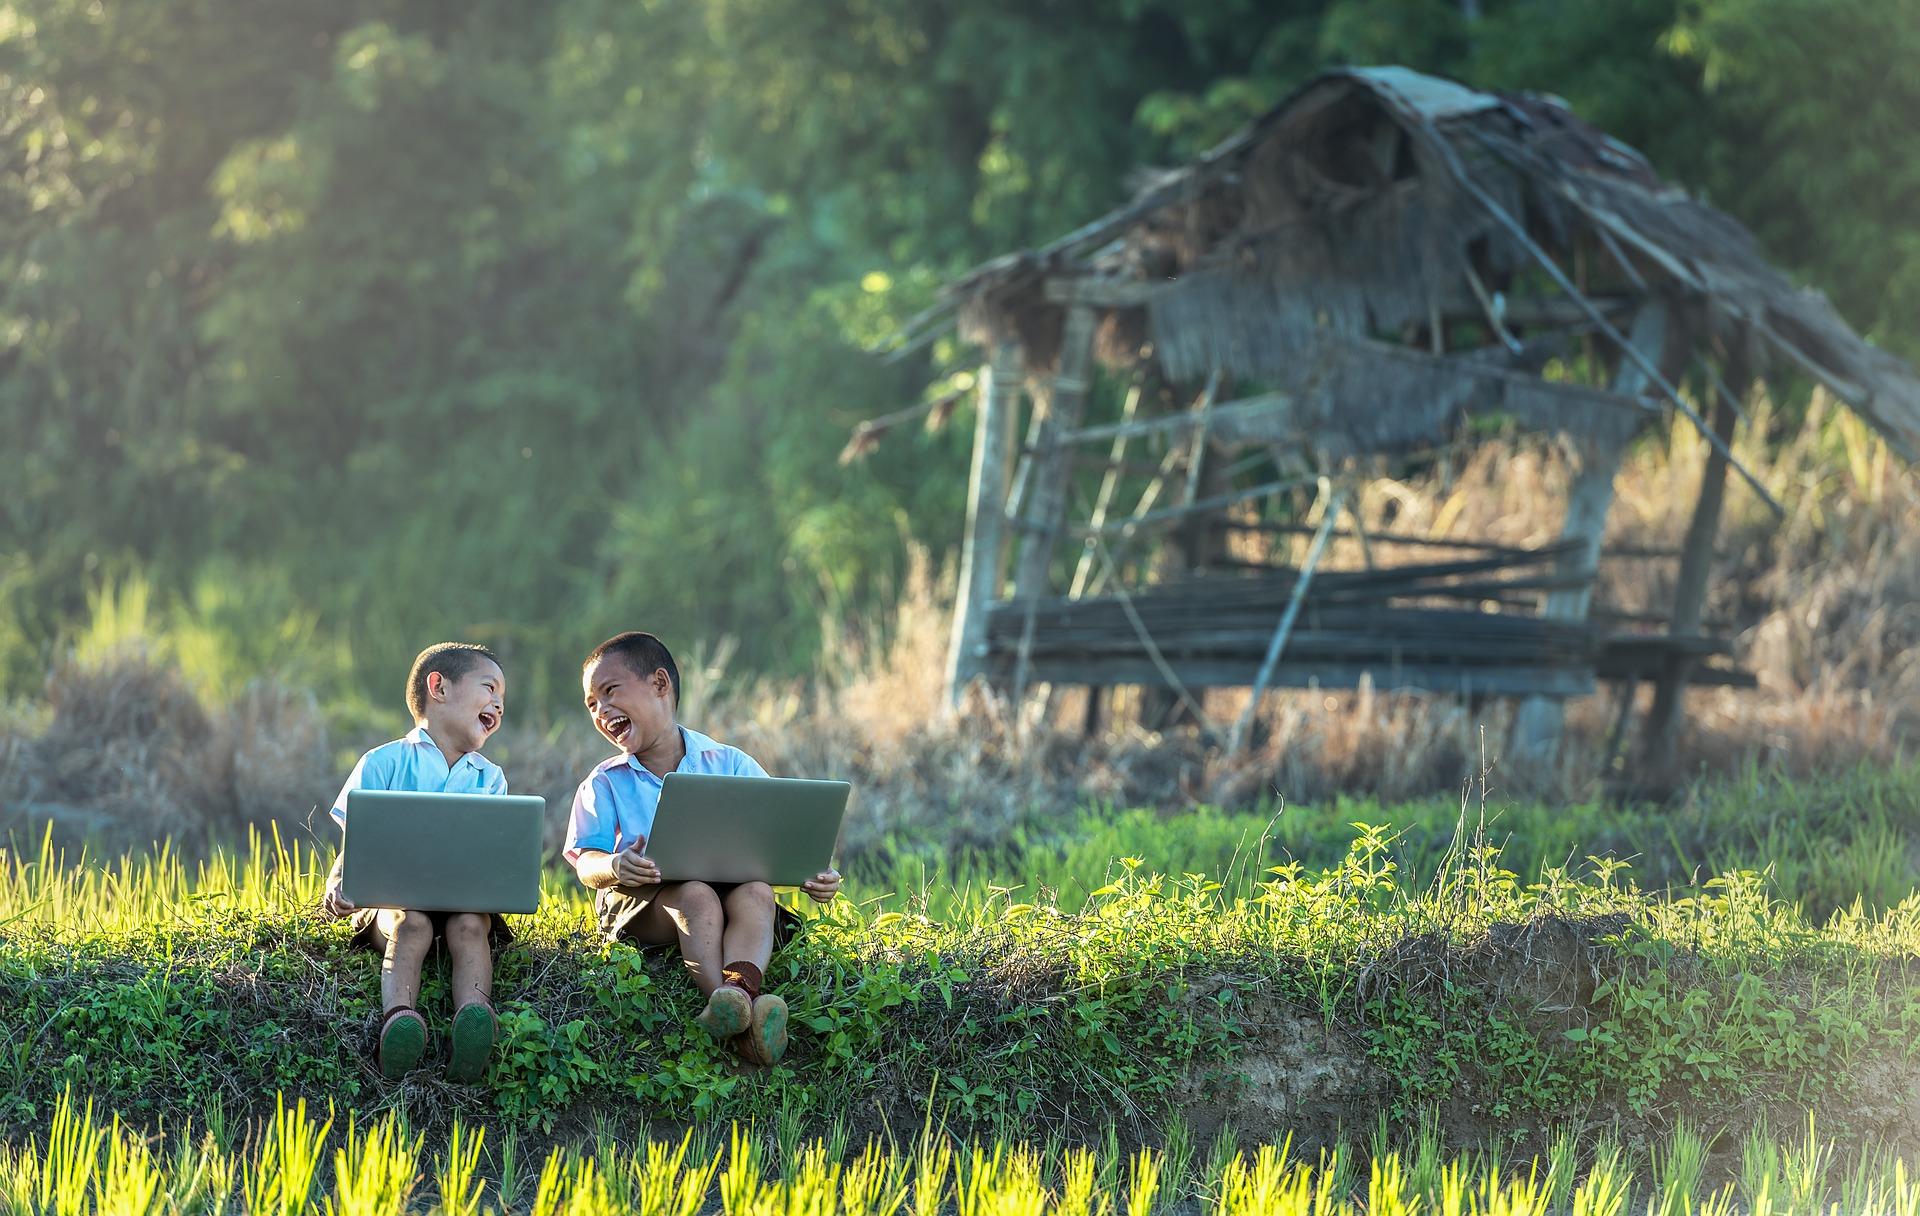 Imagem mostra duas crianças usando notebooks em uma área externa.